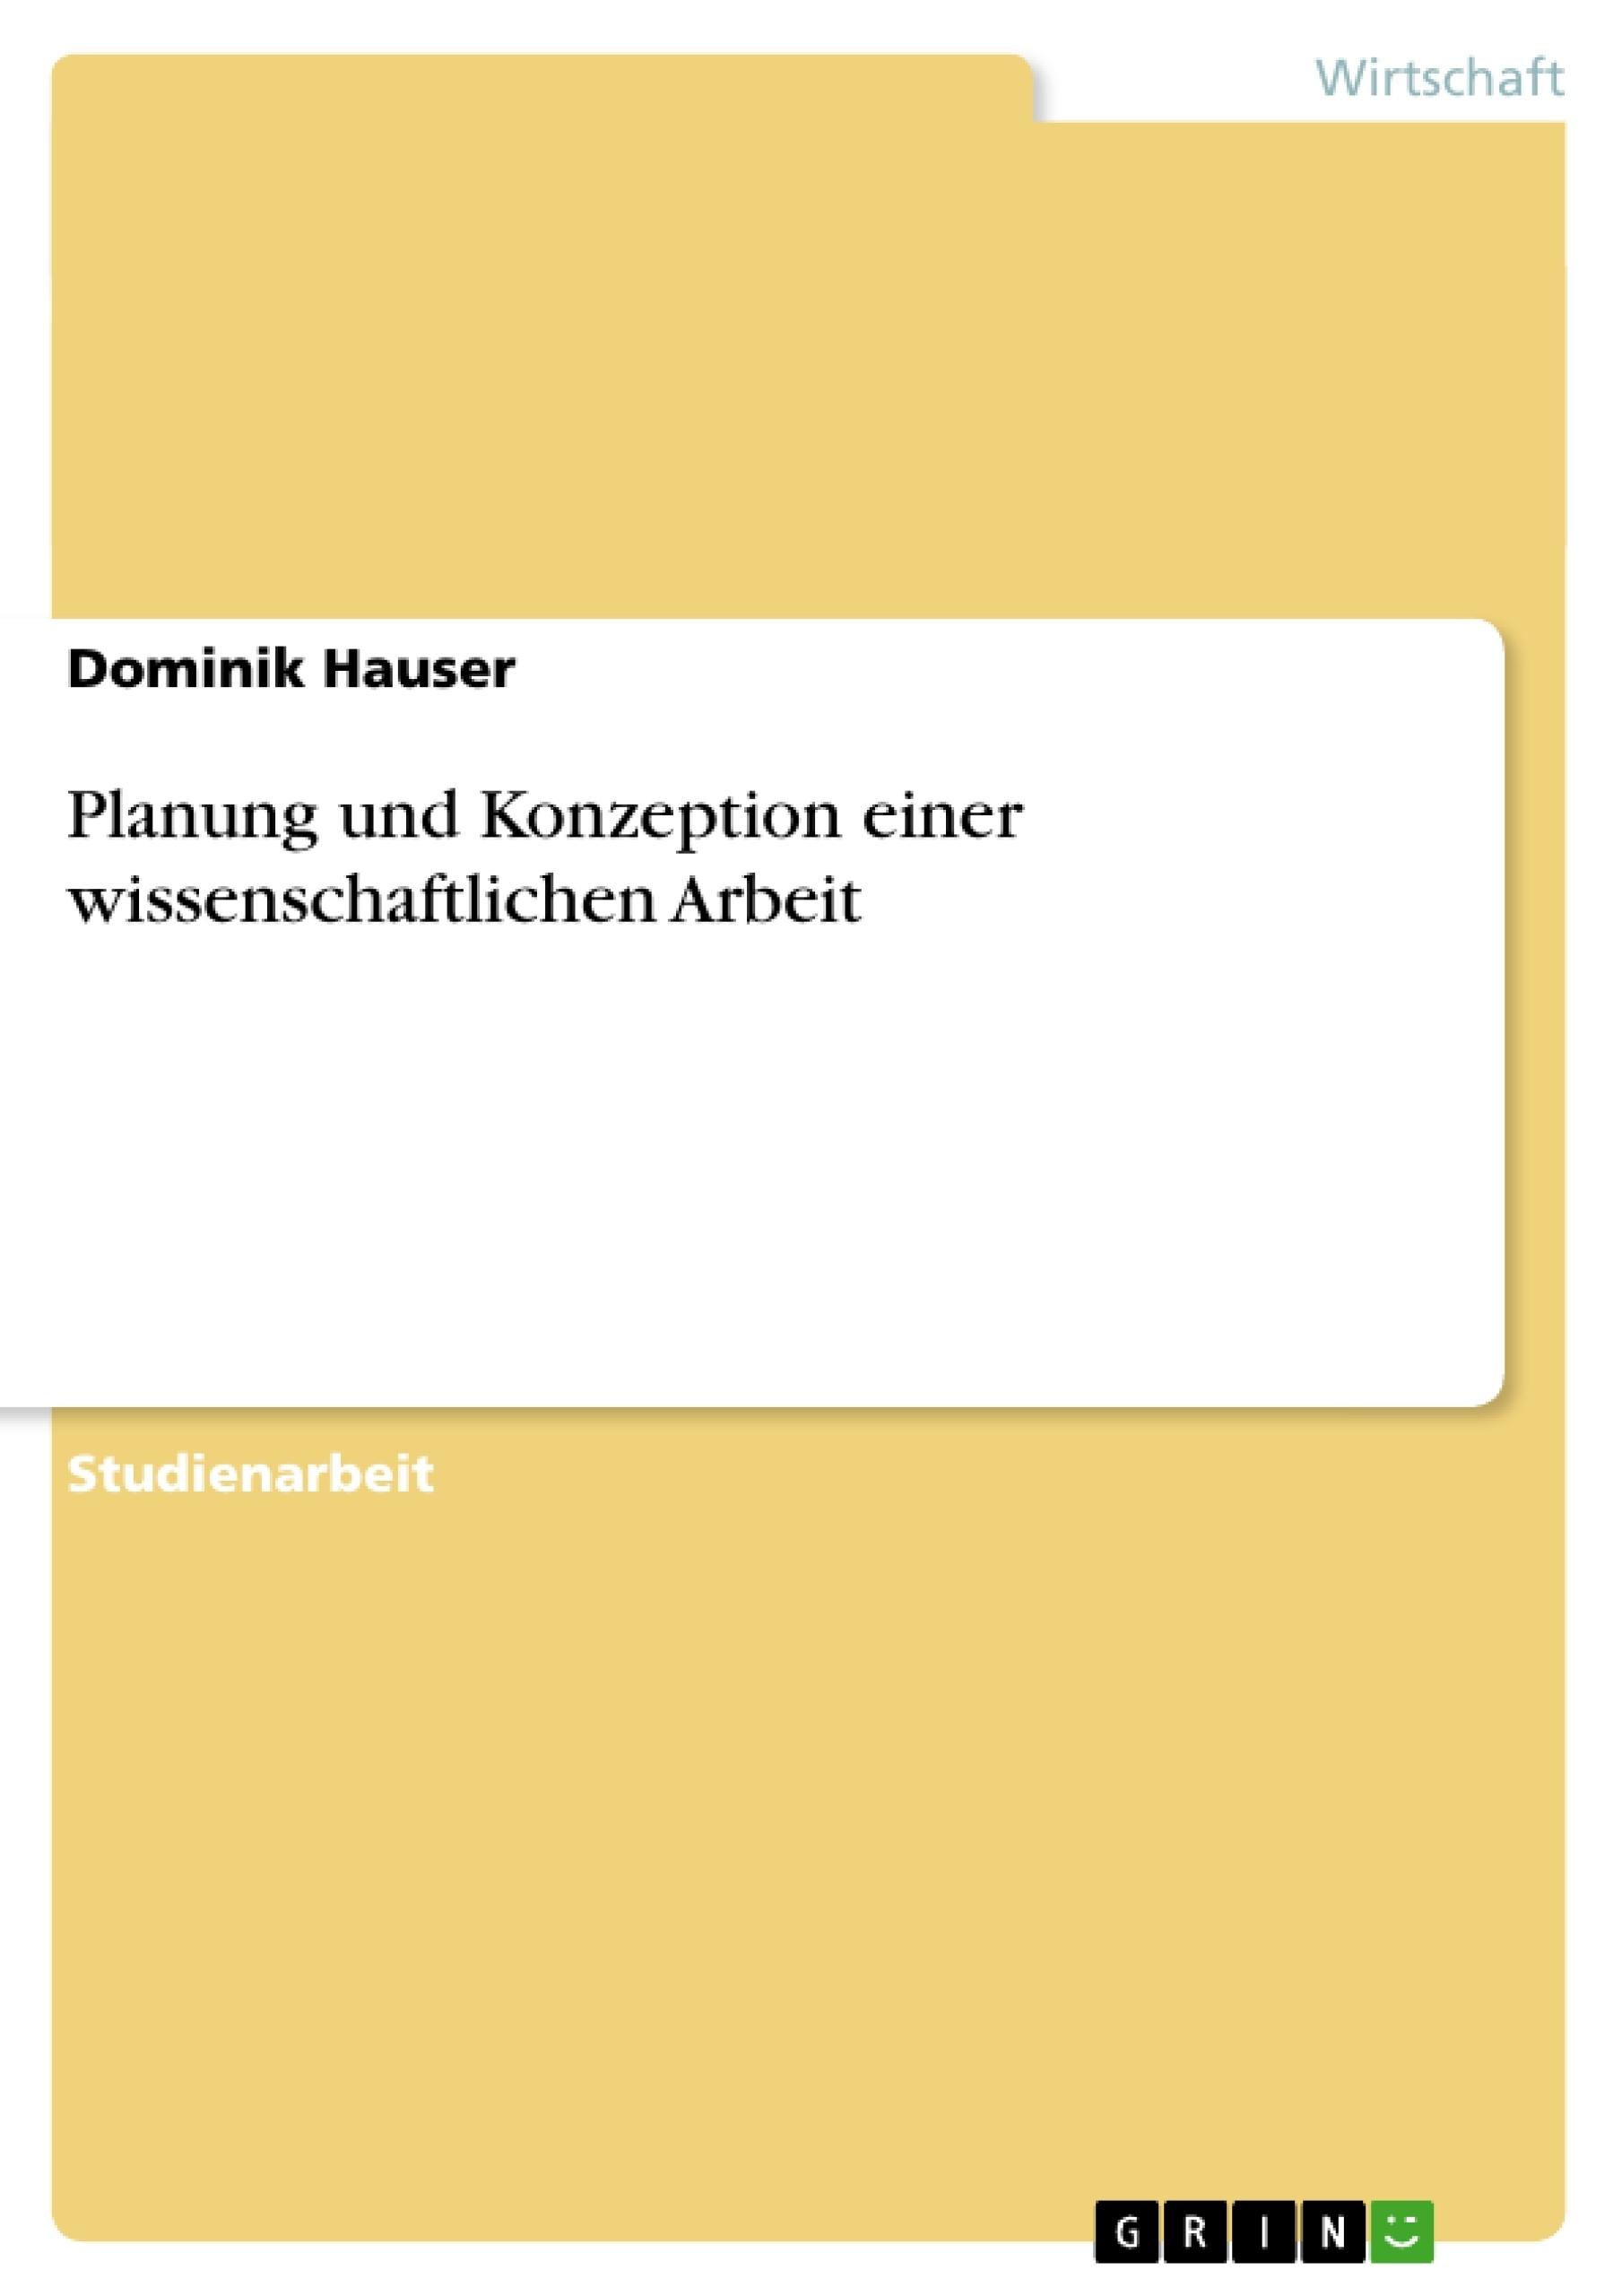 Titel: Planung und Konzeption einer wissenschaftlichen Arbeit